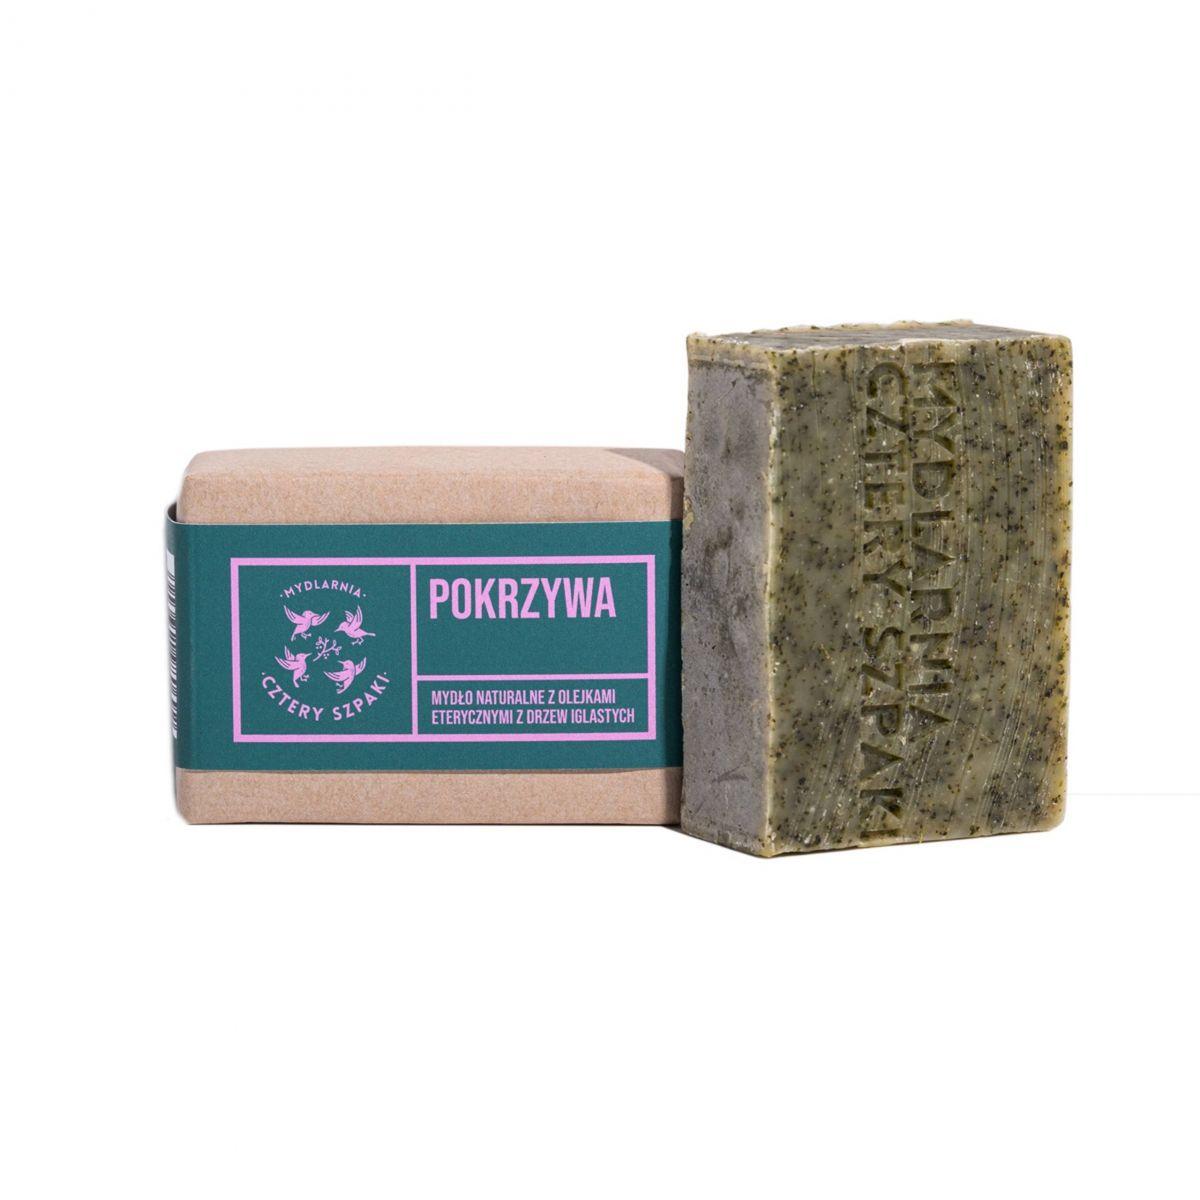 Mydło Pokrzywa z olejkami eterycznymi z drzew iglastych - 110g - Cztery Szpaki